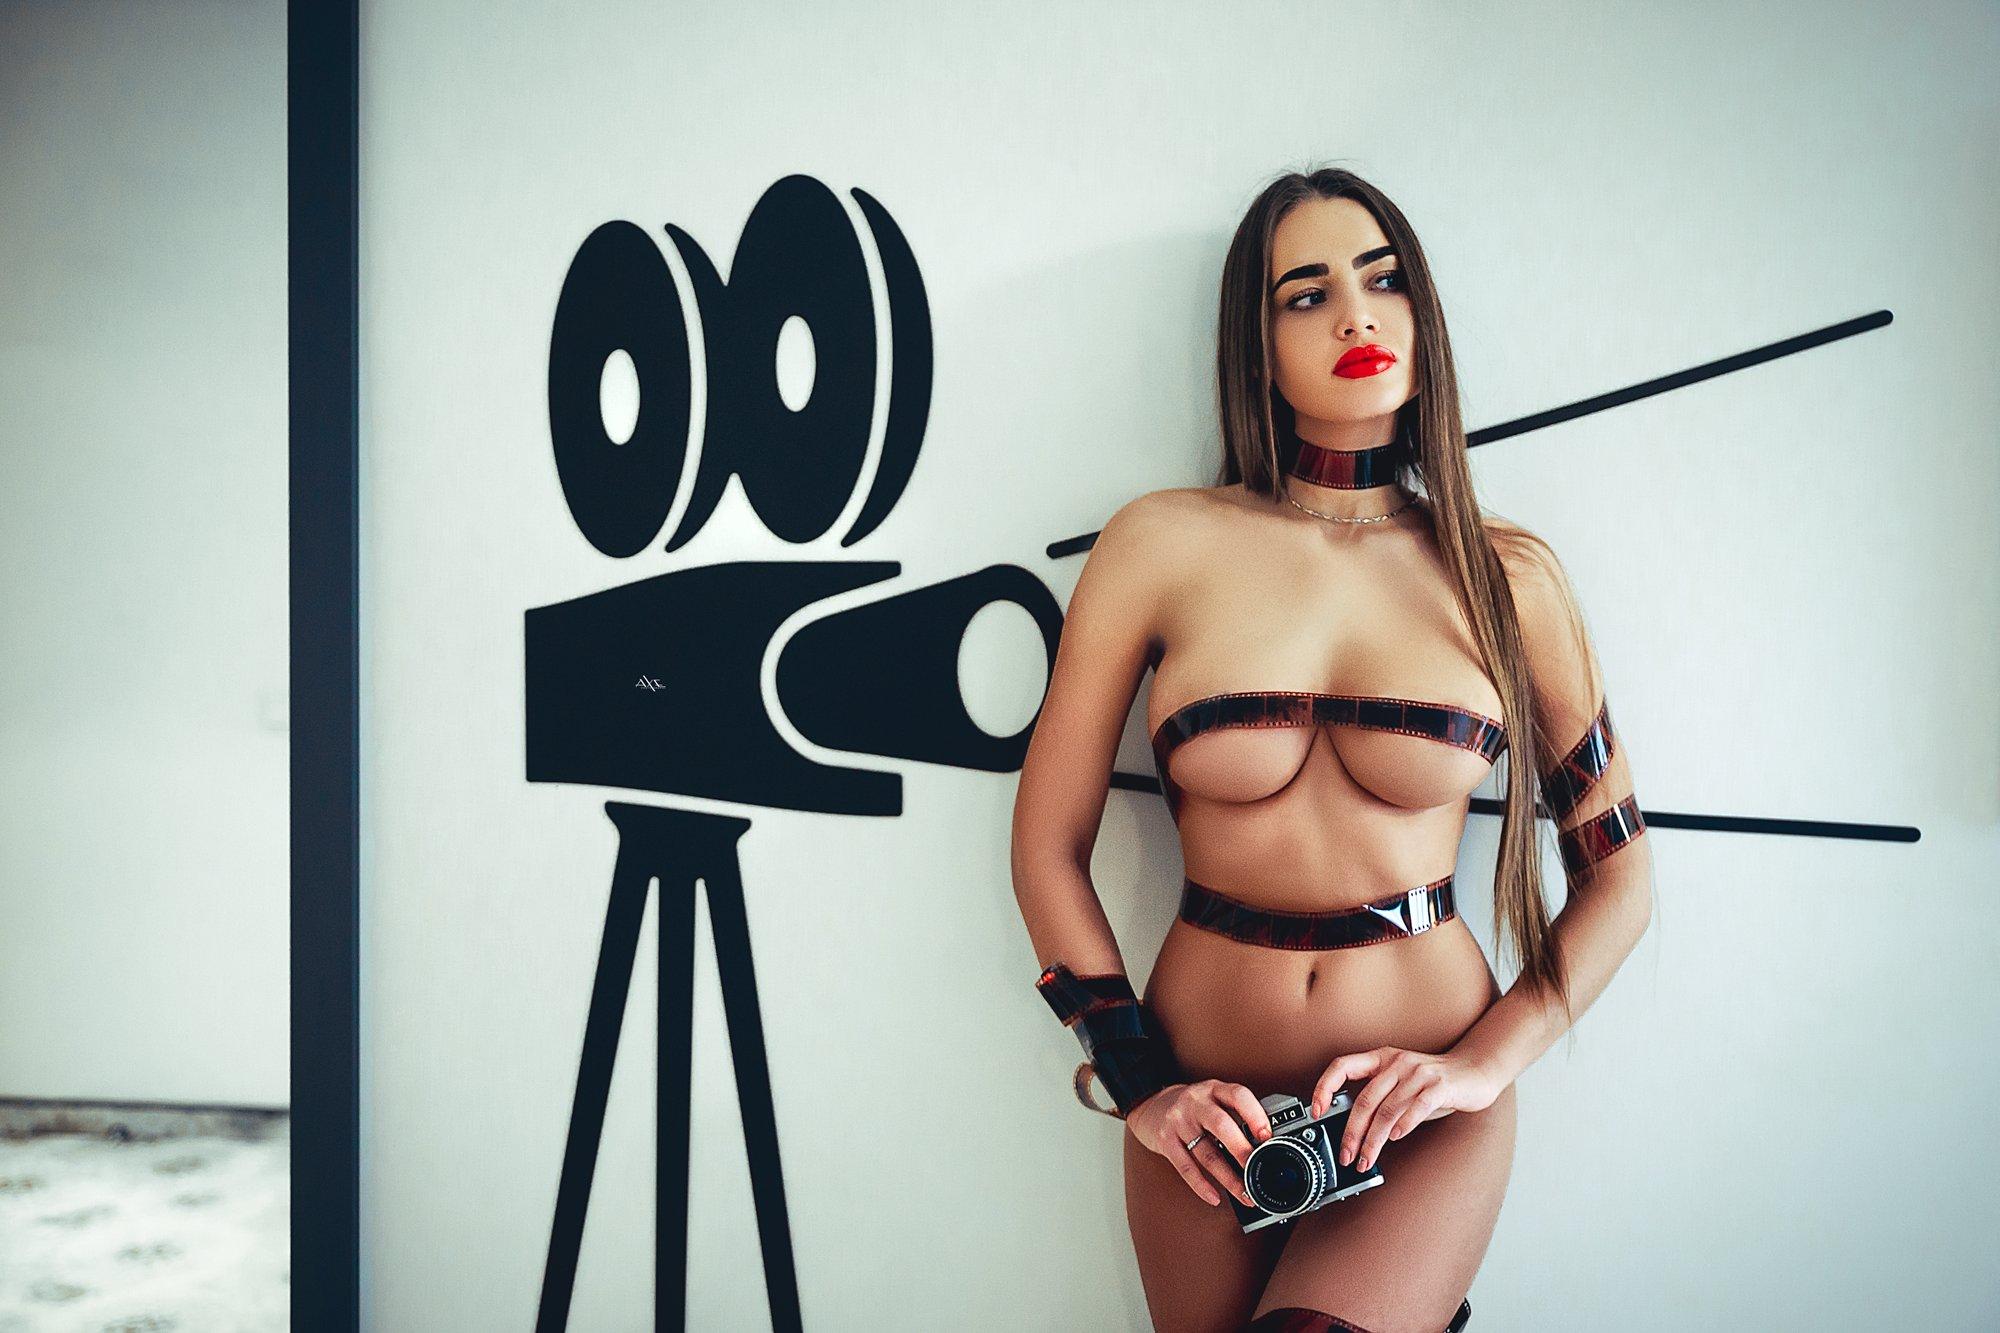 woman, portrait, nude, indoors, Руслан Болгов (Axe)